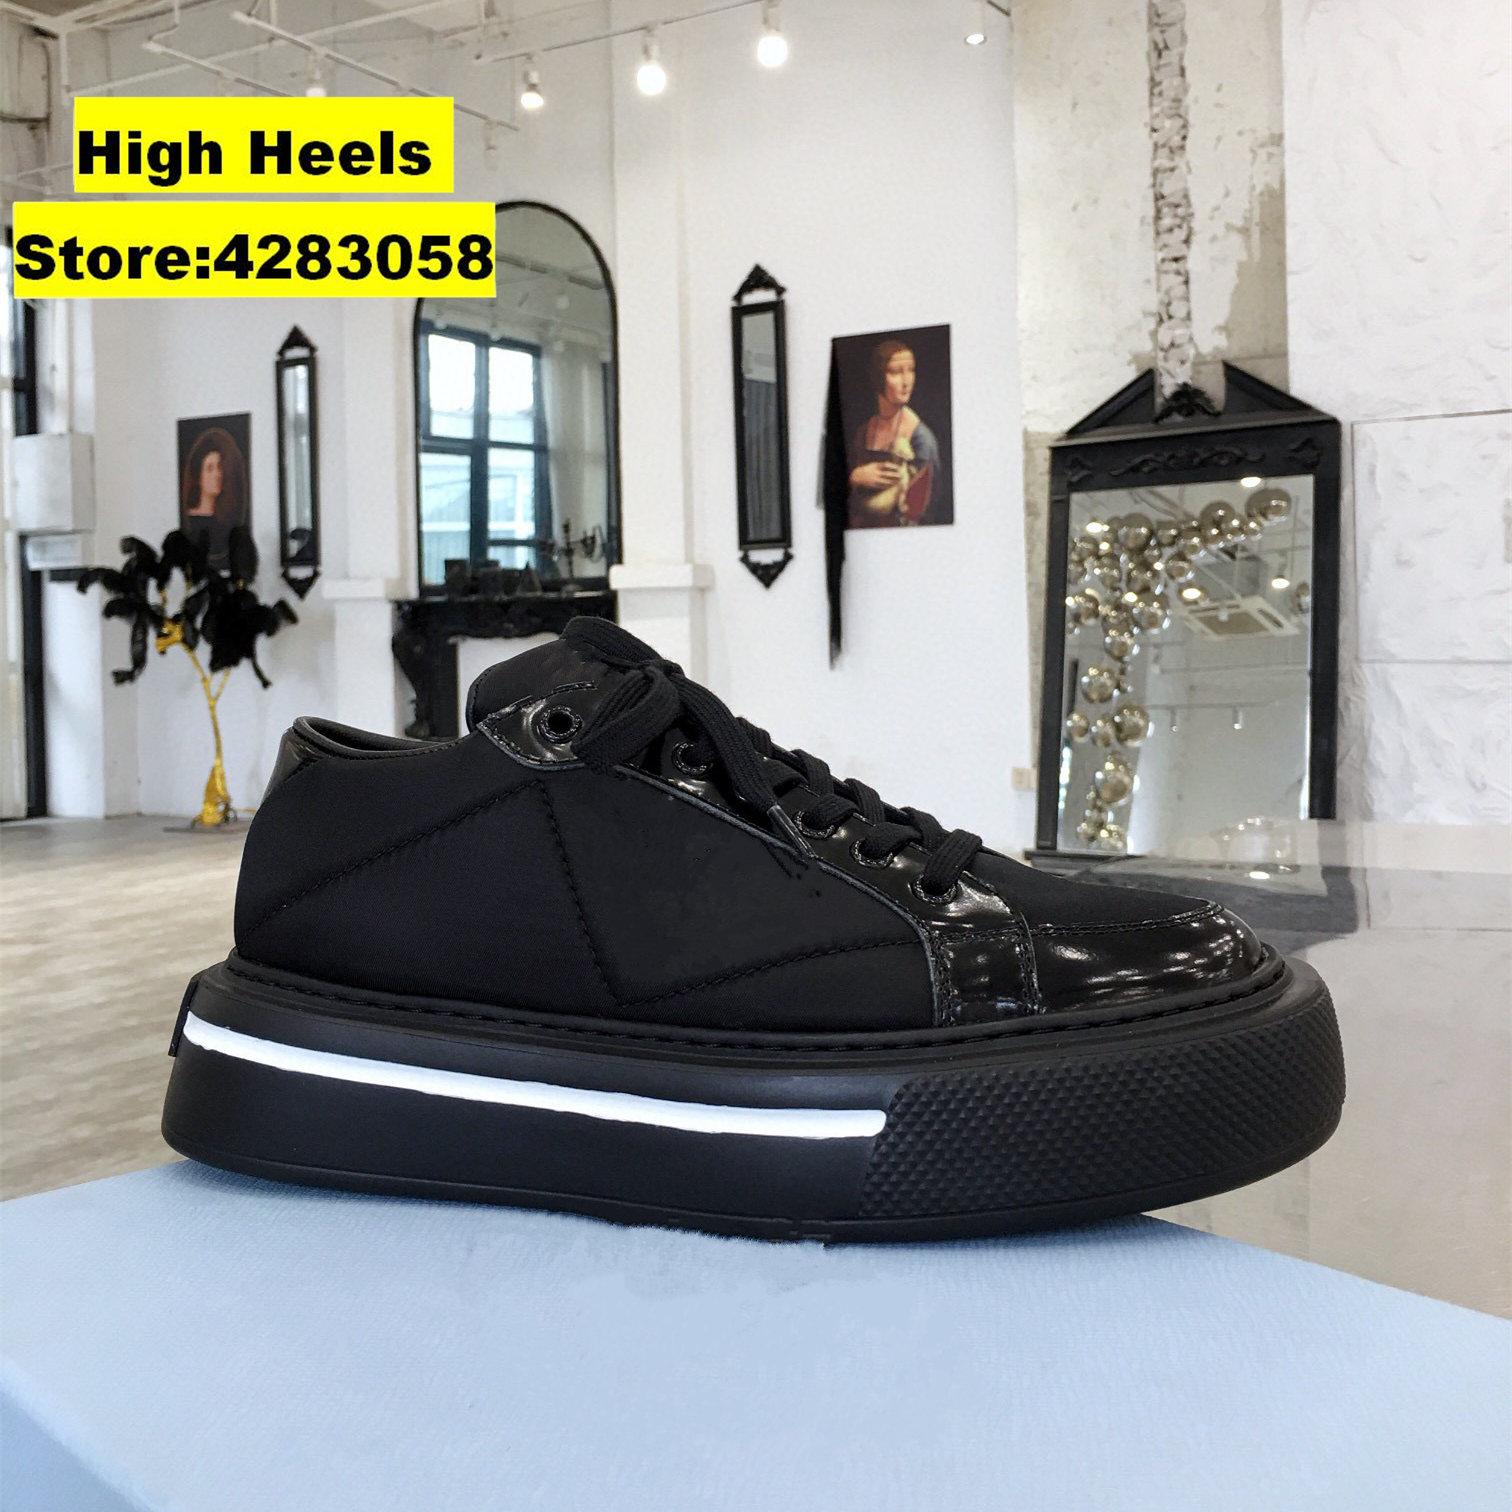 المدرج مصمم عادية المرأة أحذية رياضية جلد طبيعي أسود الدانتيل يصل تنفس سميكة وحيد حذاء كاجوال